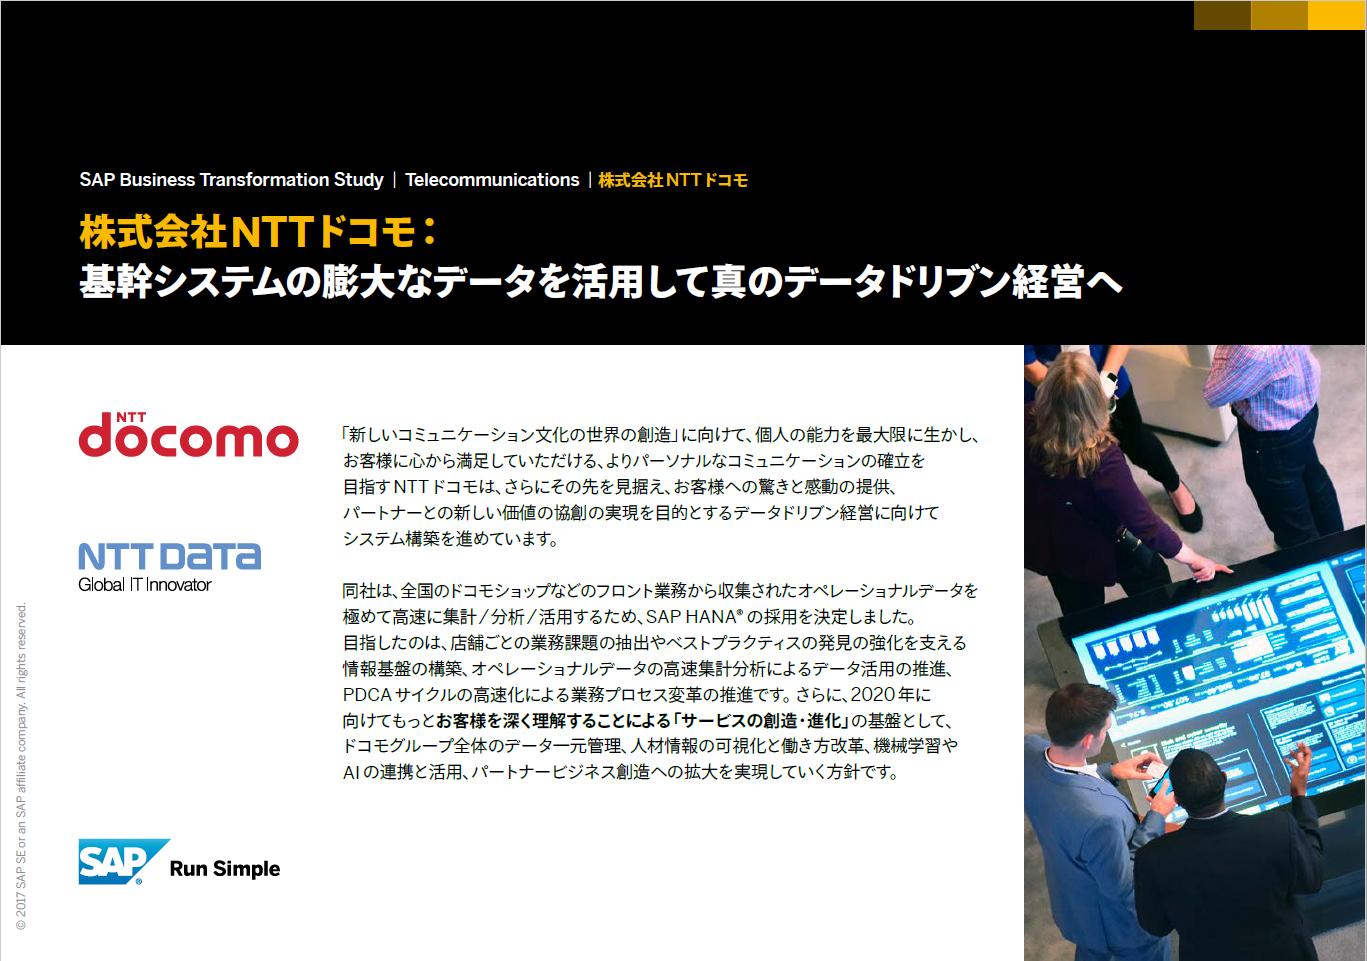 顧客事例 : 株式会社NTTドコモ様